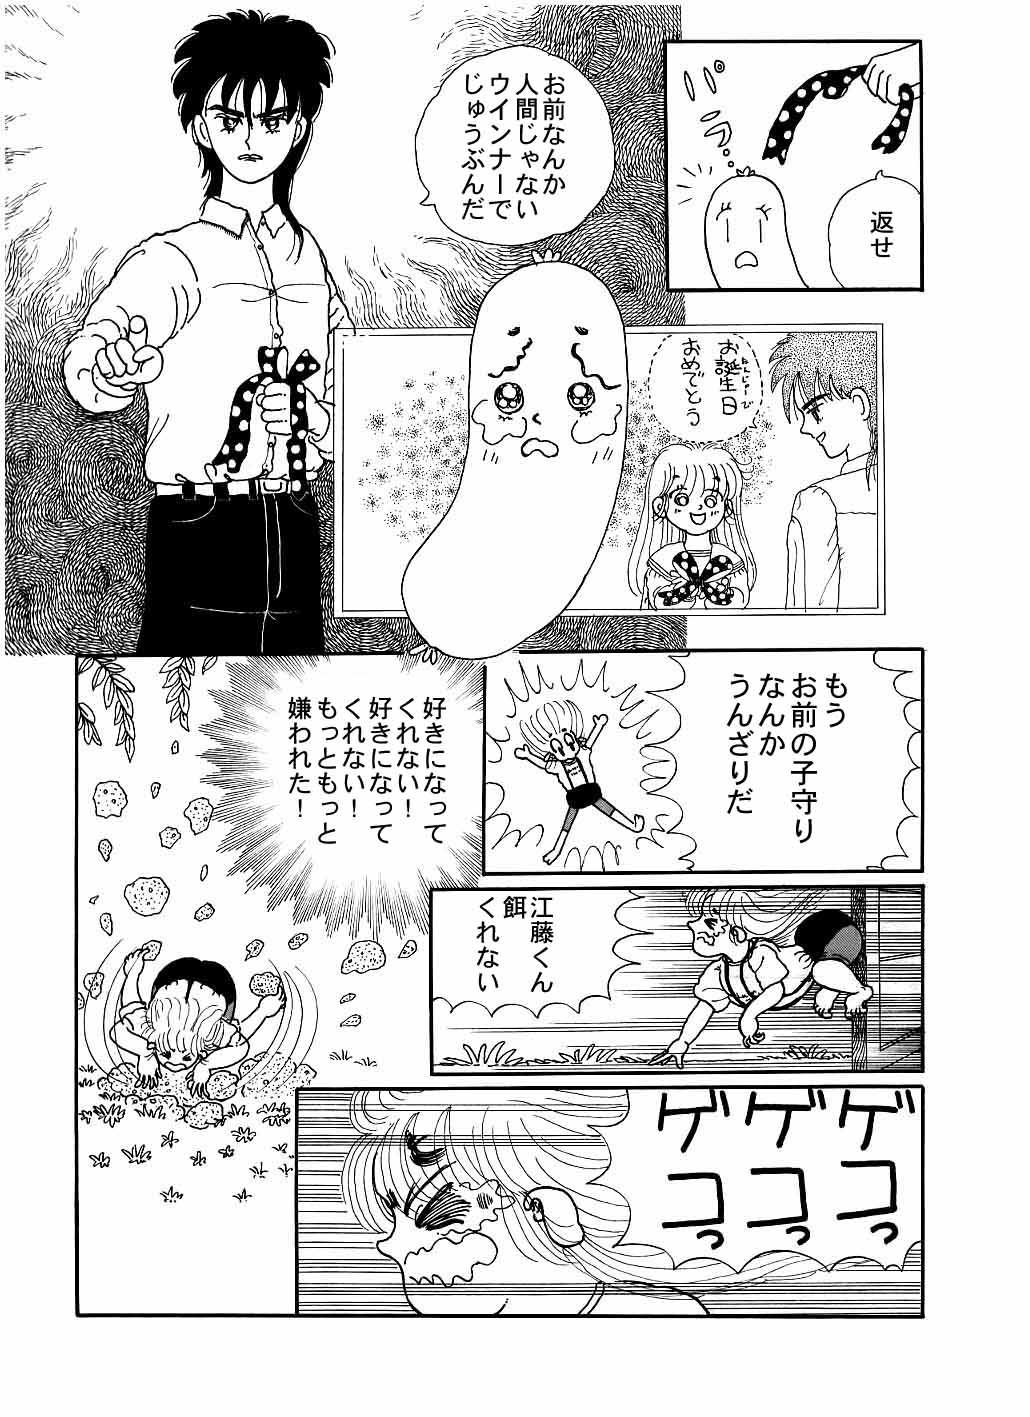 ホラー漫画画像23_20110122033729.jpg